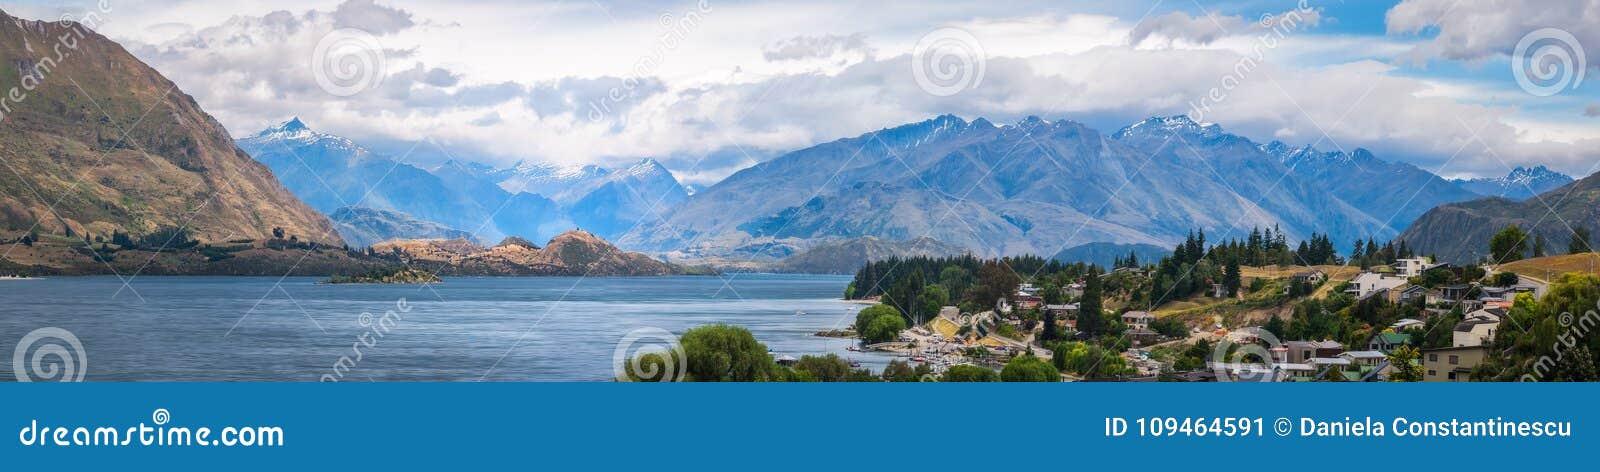 Panoramic View of Wanaka, New Zealand